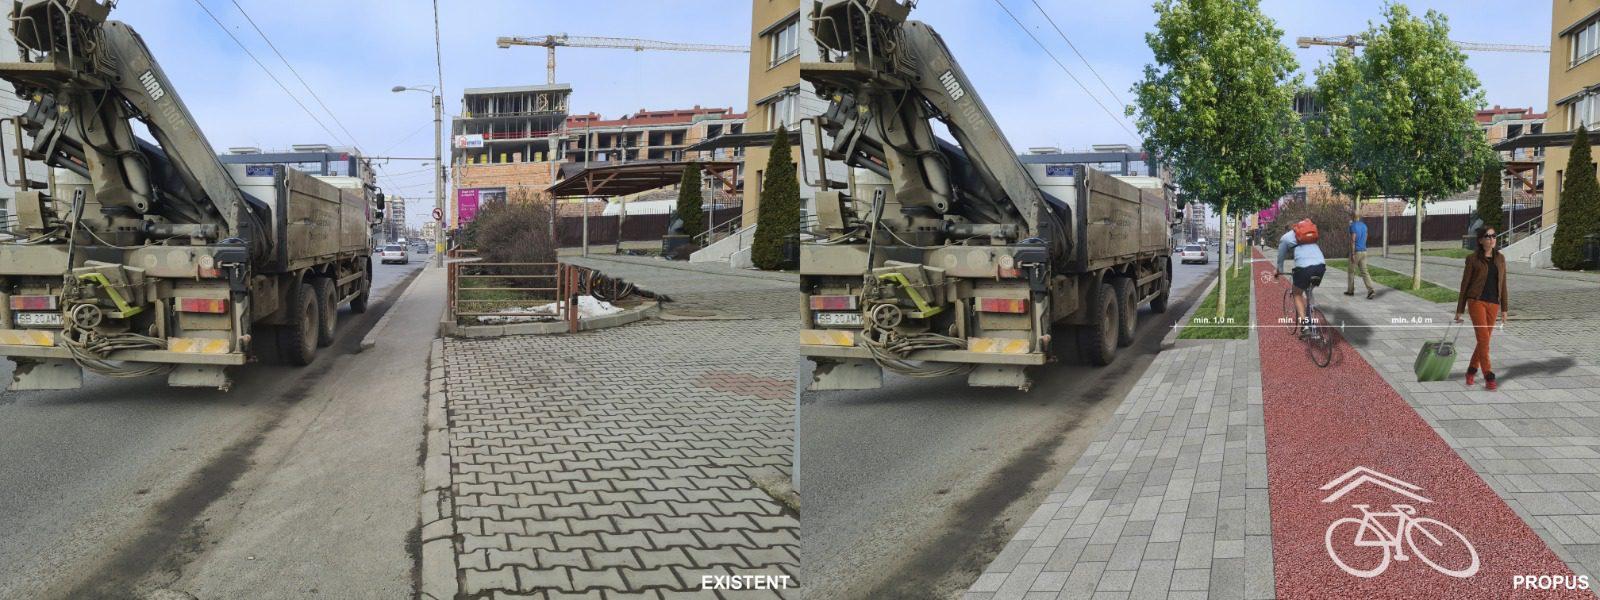 Cum se pierde un viitor bulevard din Cluj-Napoca – Teodor Mihali – studiu de caz